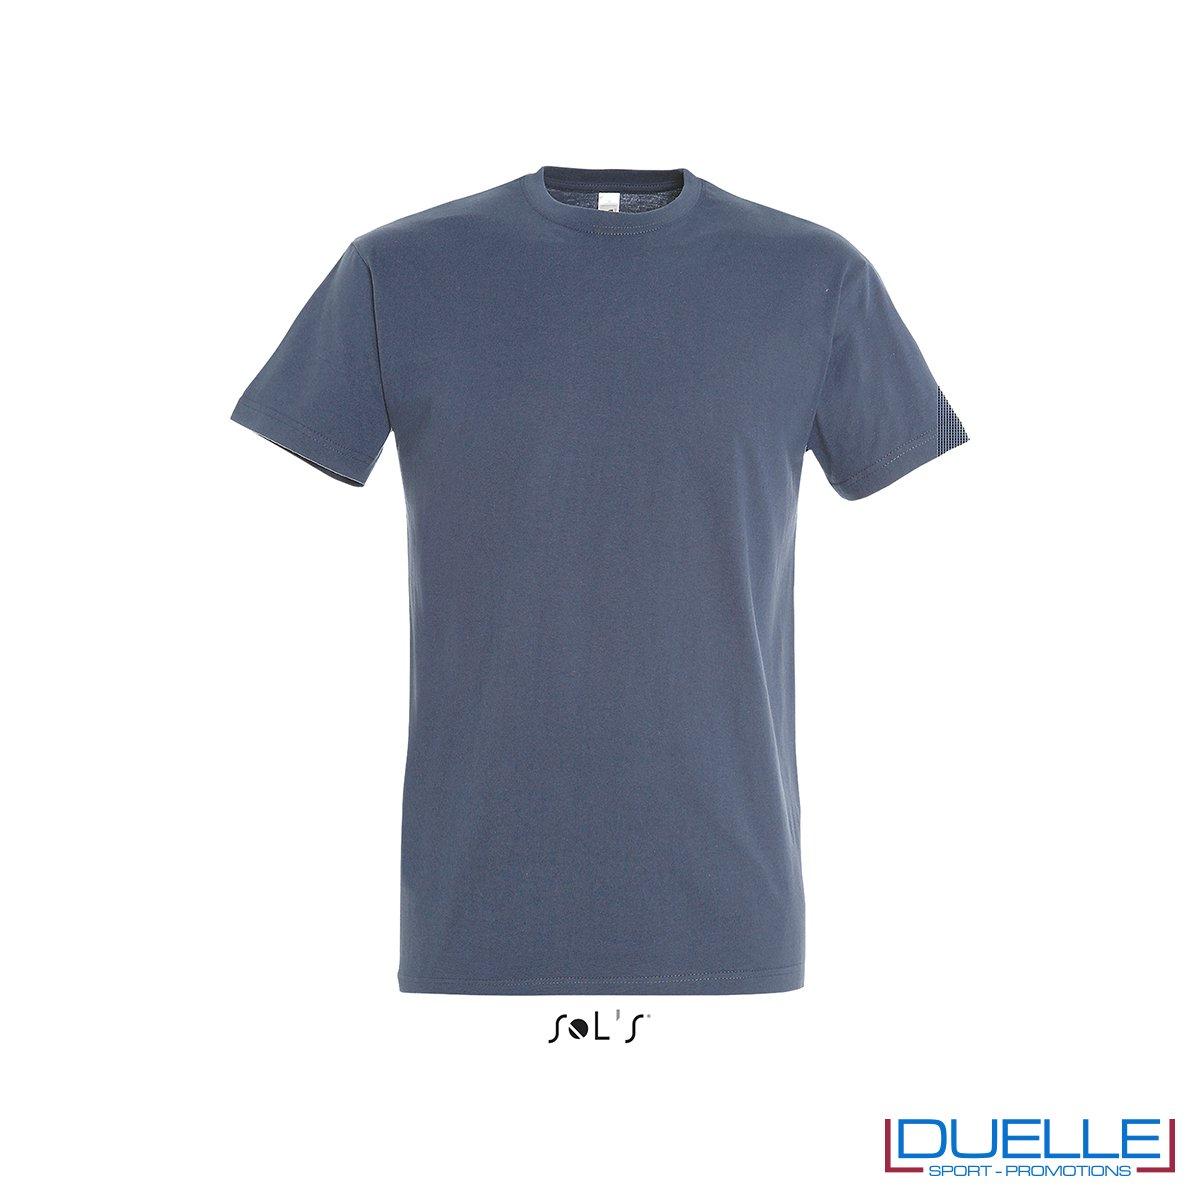 Maglietta personalizzata in cotone pesante colore denim personalizzata con stampa o ricamo